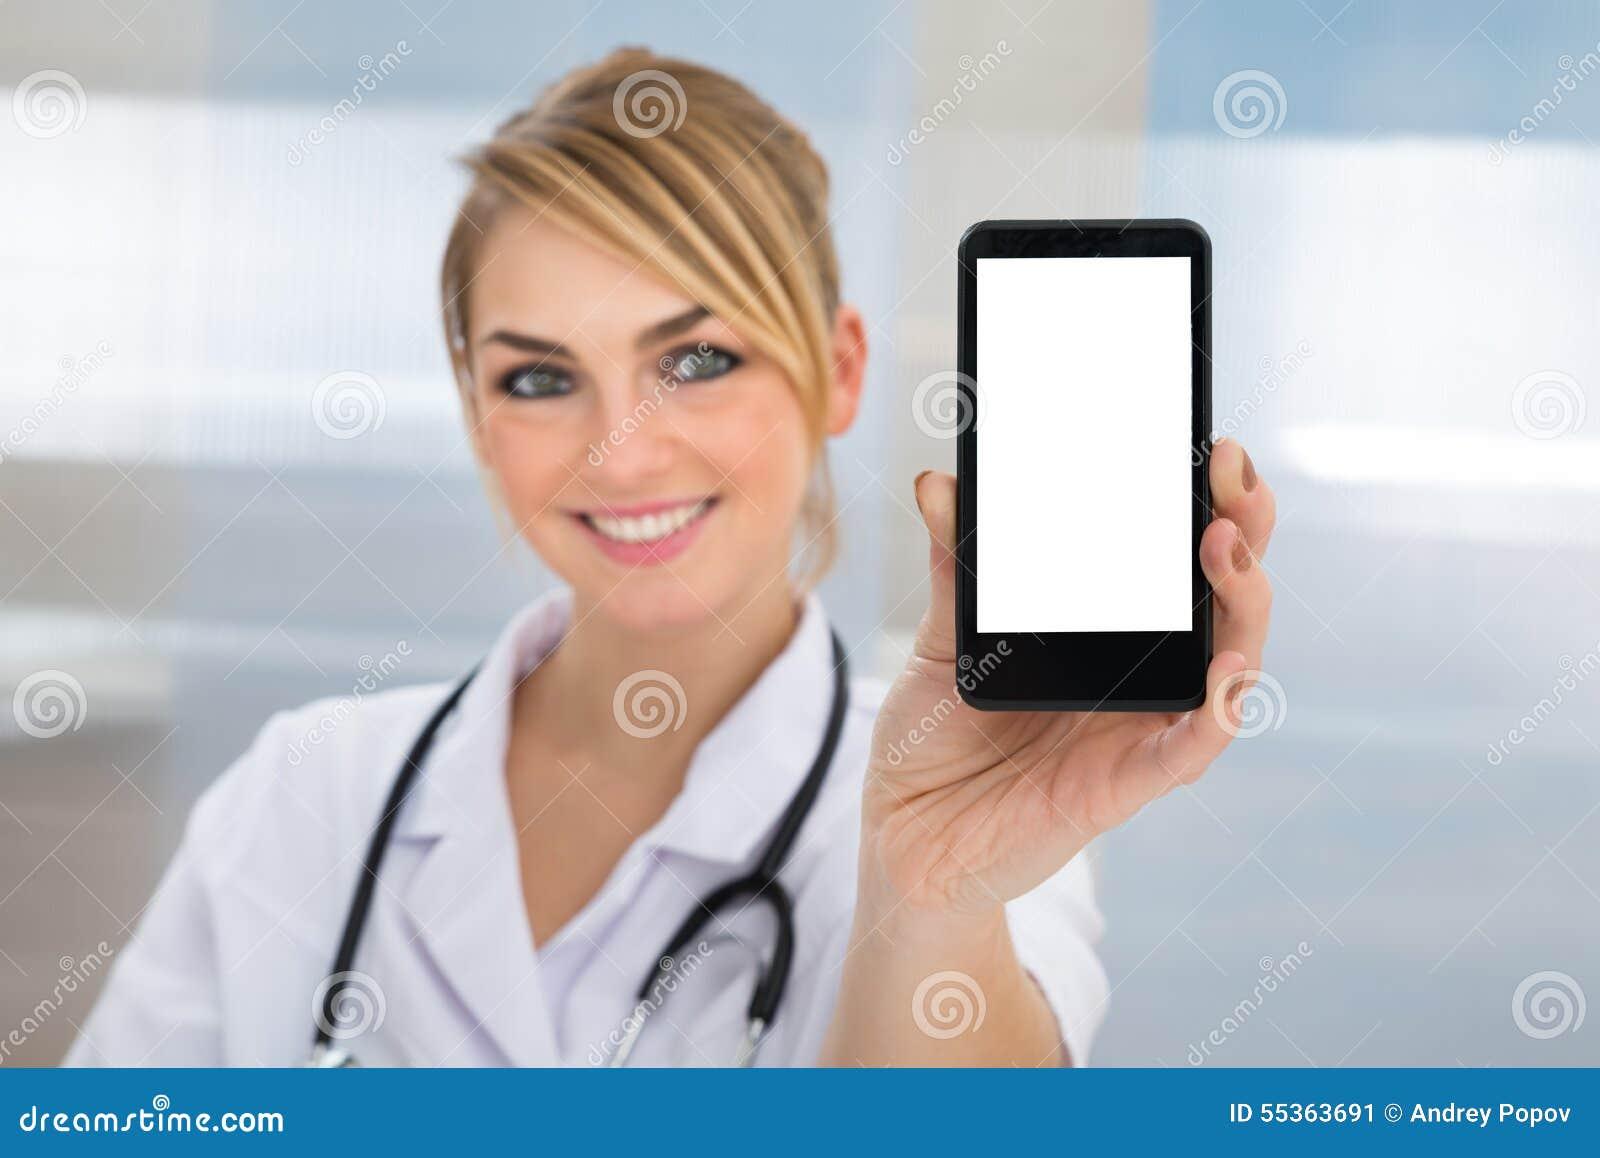 Medico che mostra cellulare